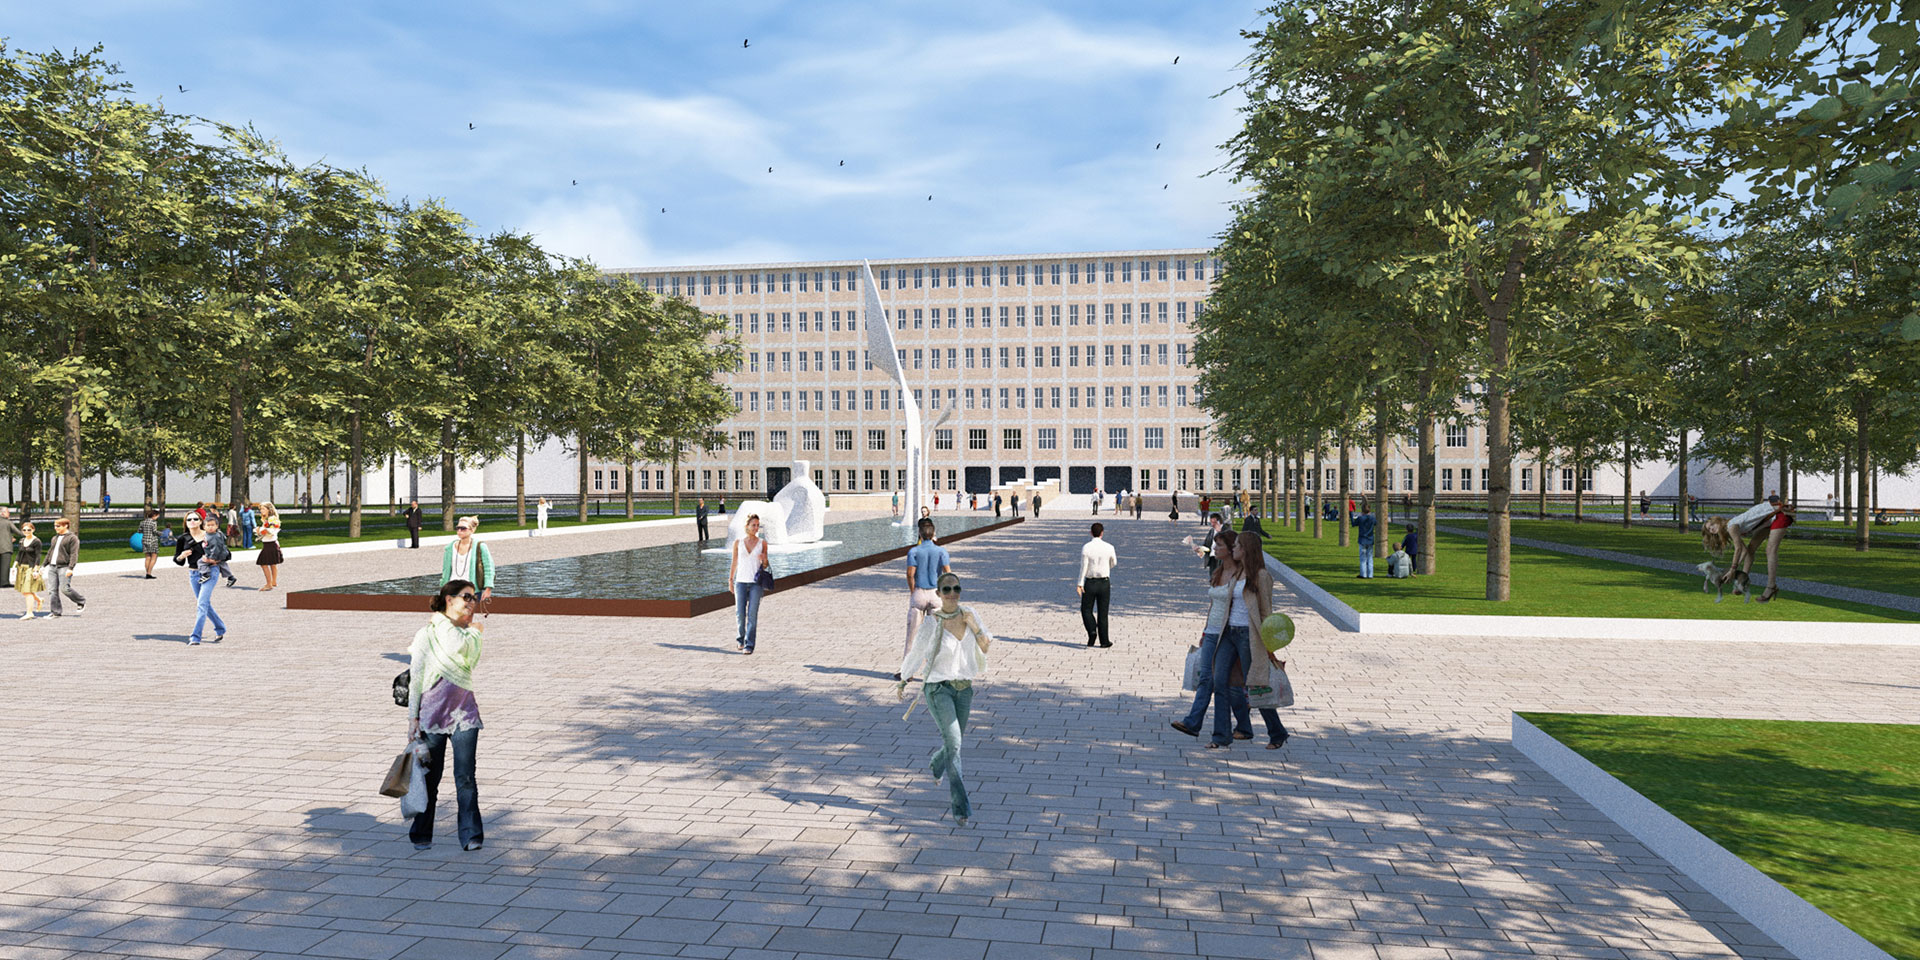 Masterplan Arcispedale Santa Maria Nuova Reggio Emilia, Binini Partners, Società di architettura e ingegneria